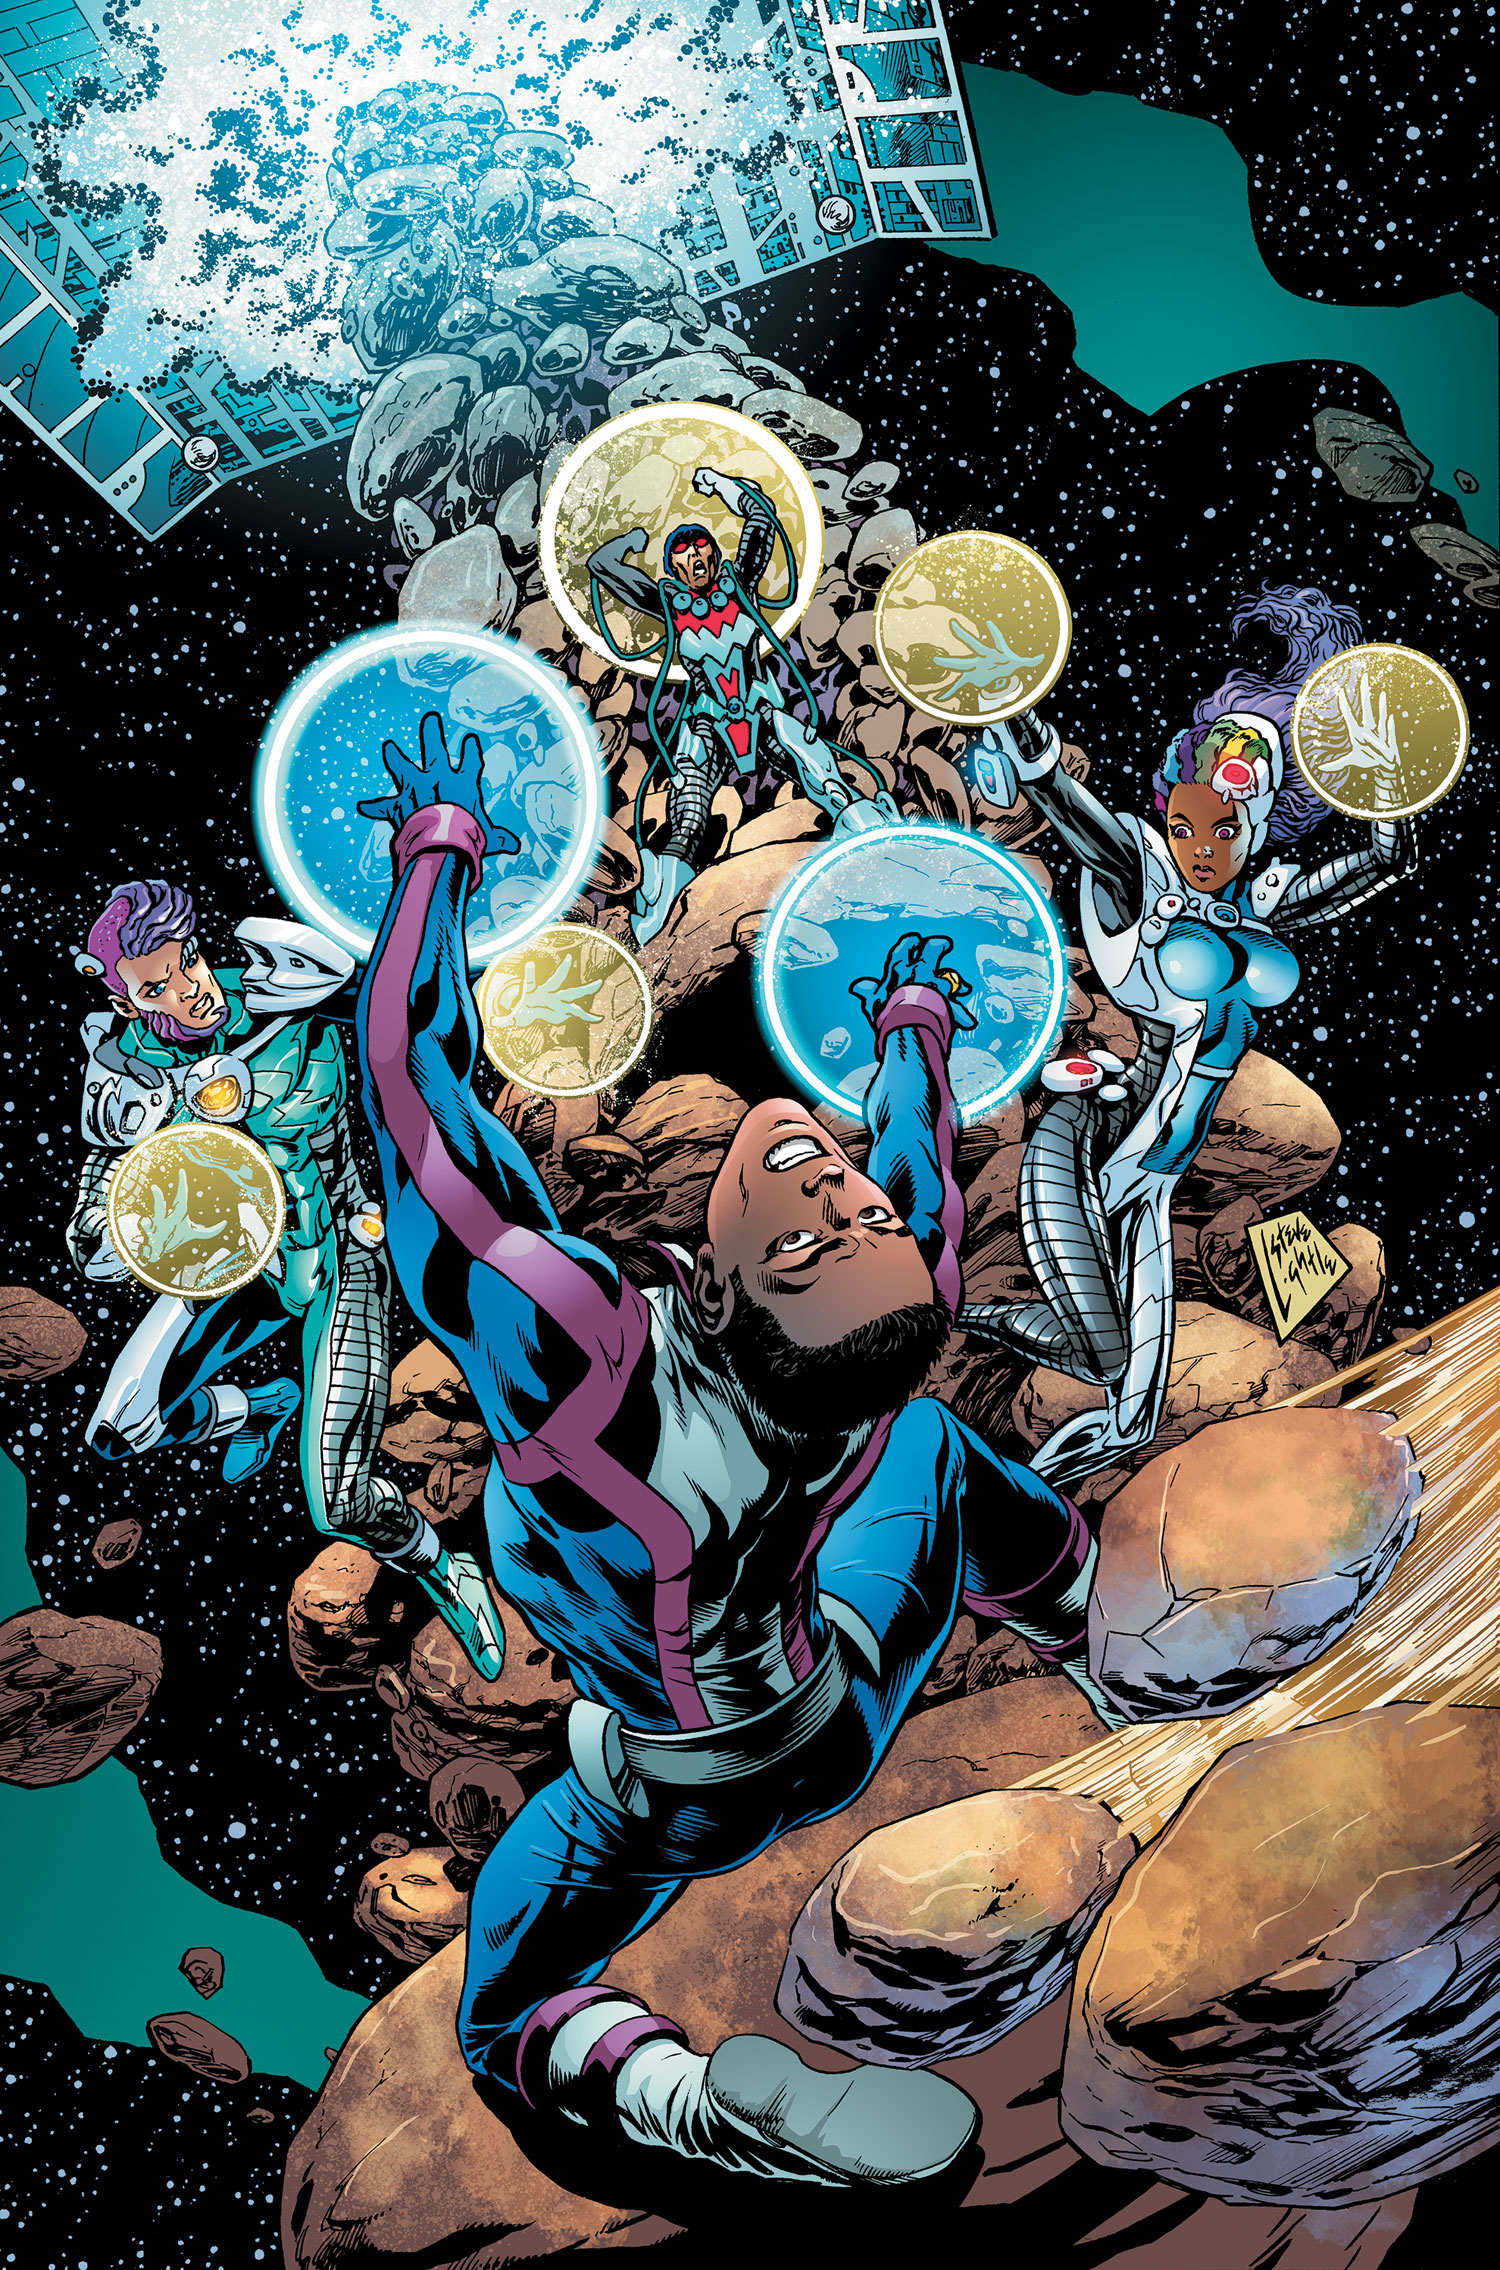 Legion of Super-Heroes Vol 7 13 Textless.jpg